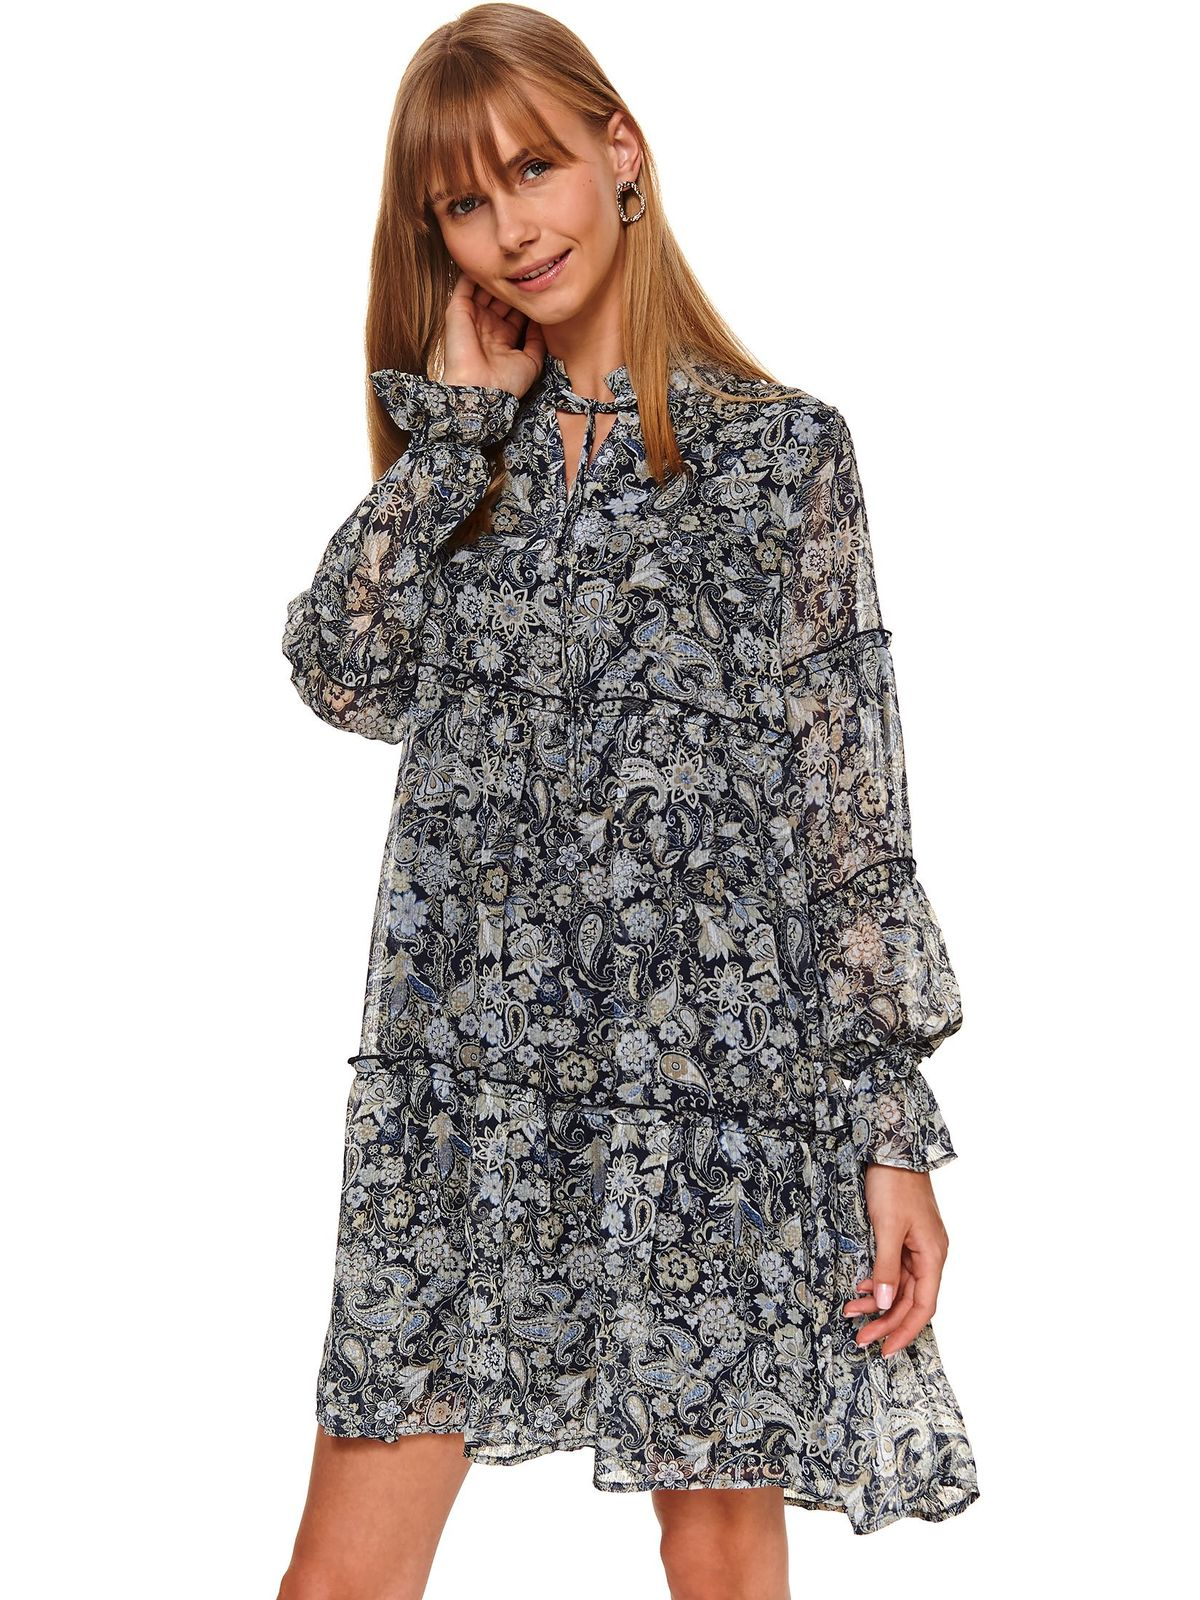 Darkblue dress short cut daily cloche from veil fabric